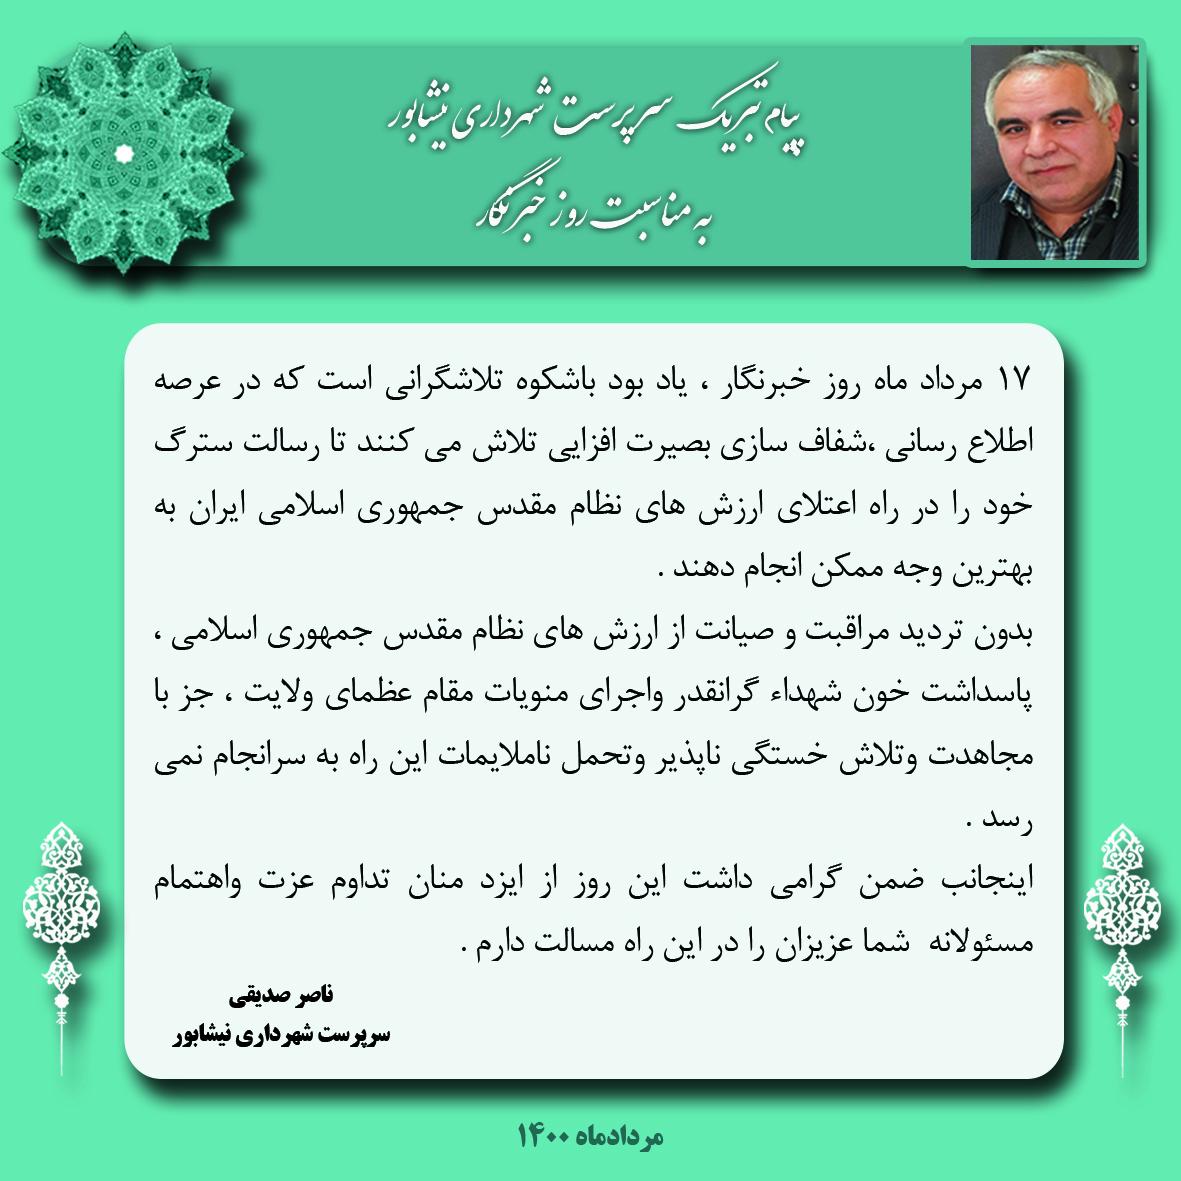 پیام تبریک مهندس ناصر صدیقی سرپرست شهرداری نیشابور به مناسبت روز خبرنگار